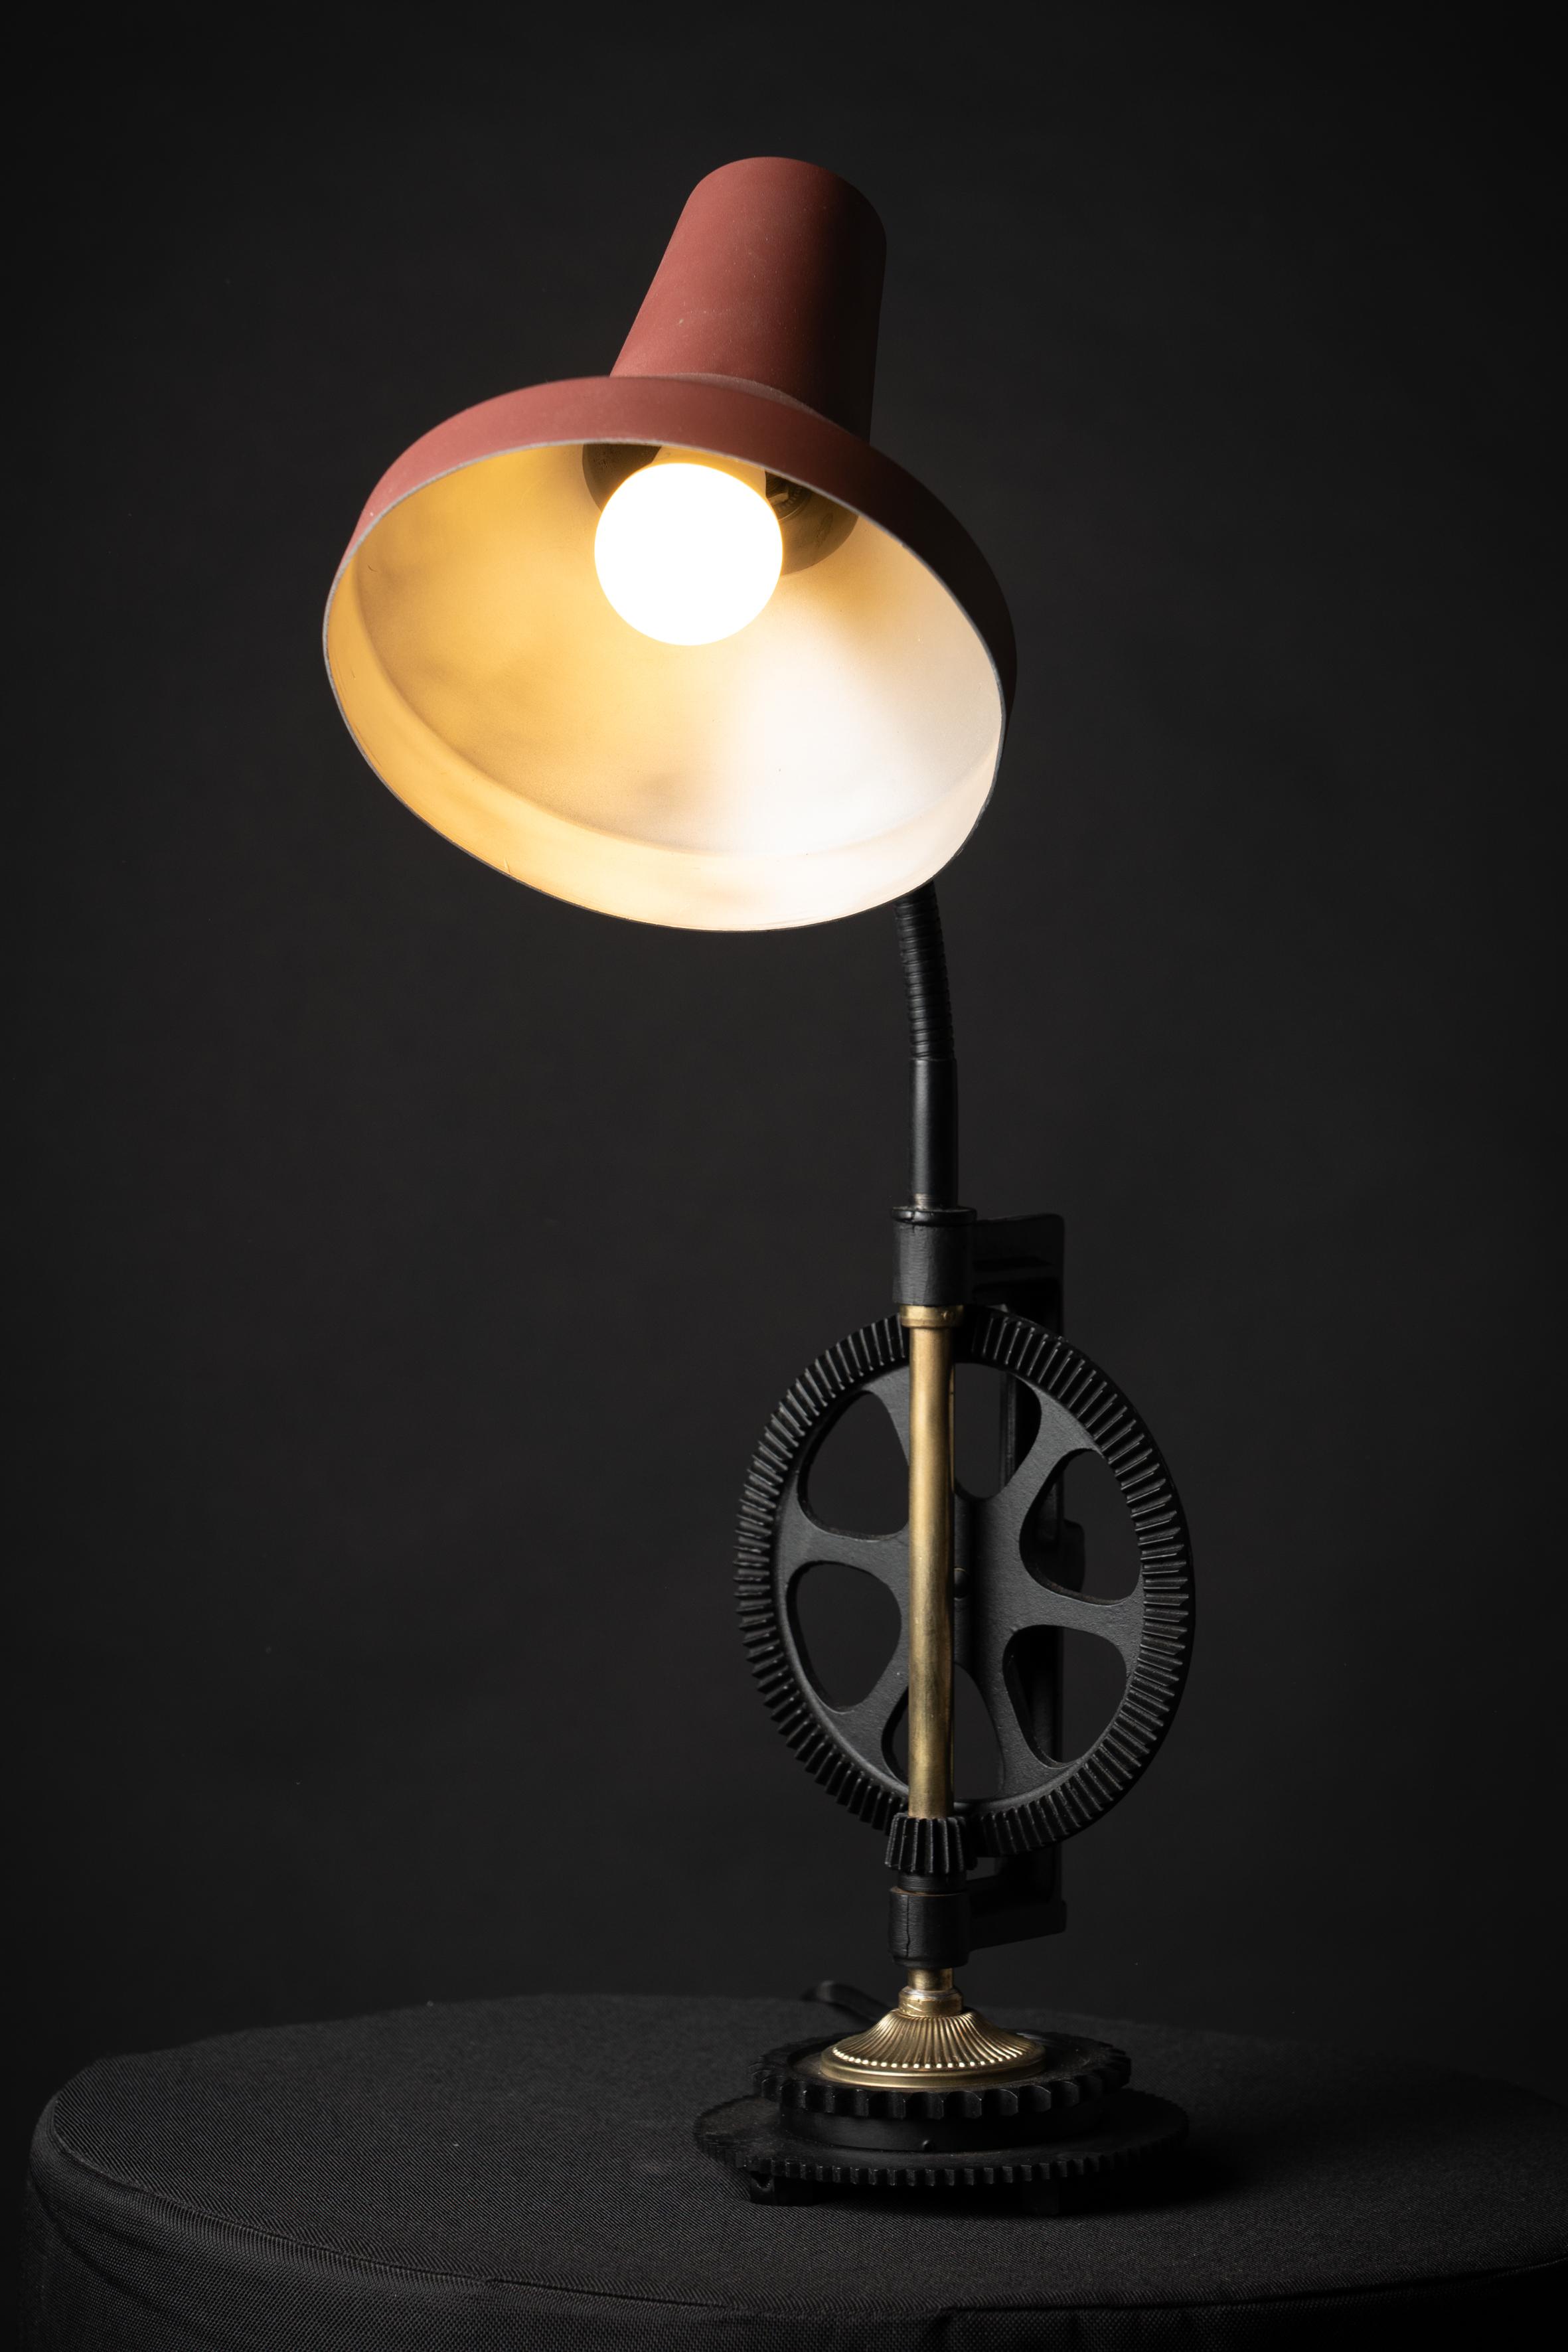 Luminaires Mobilier Style Lampes D IndustrielCréateur Et De 80wymNOvnP